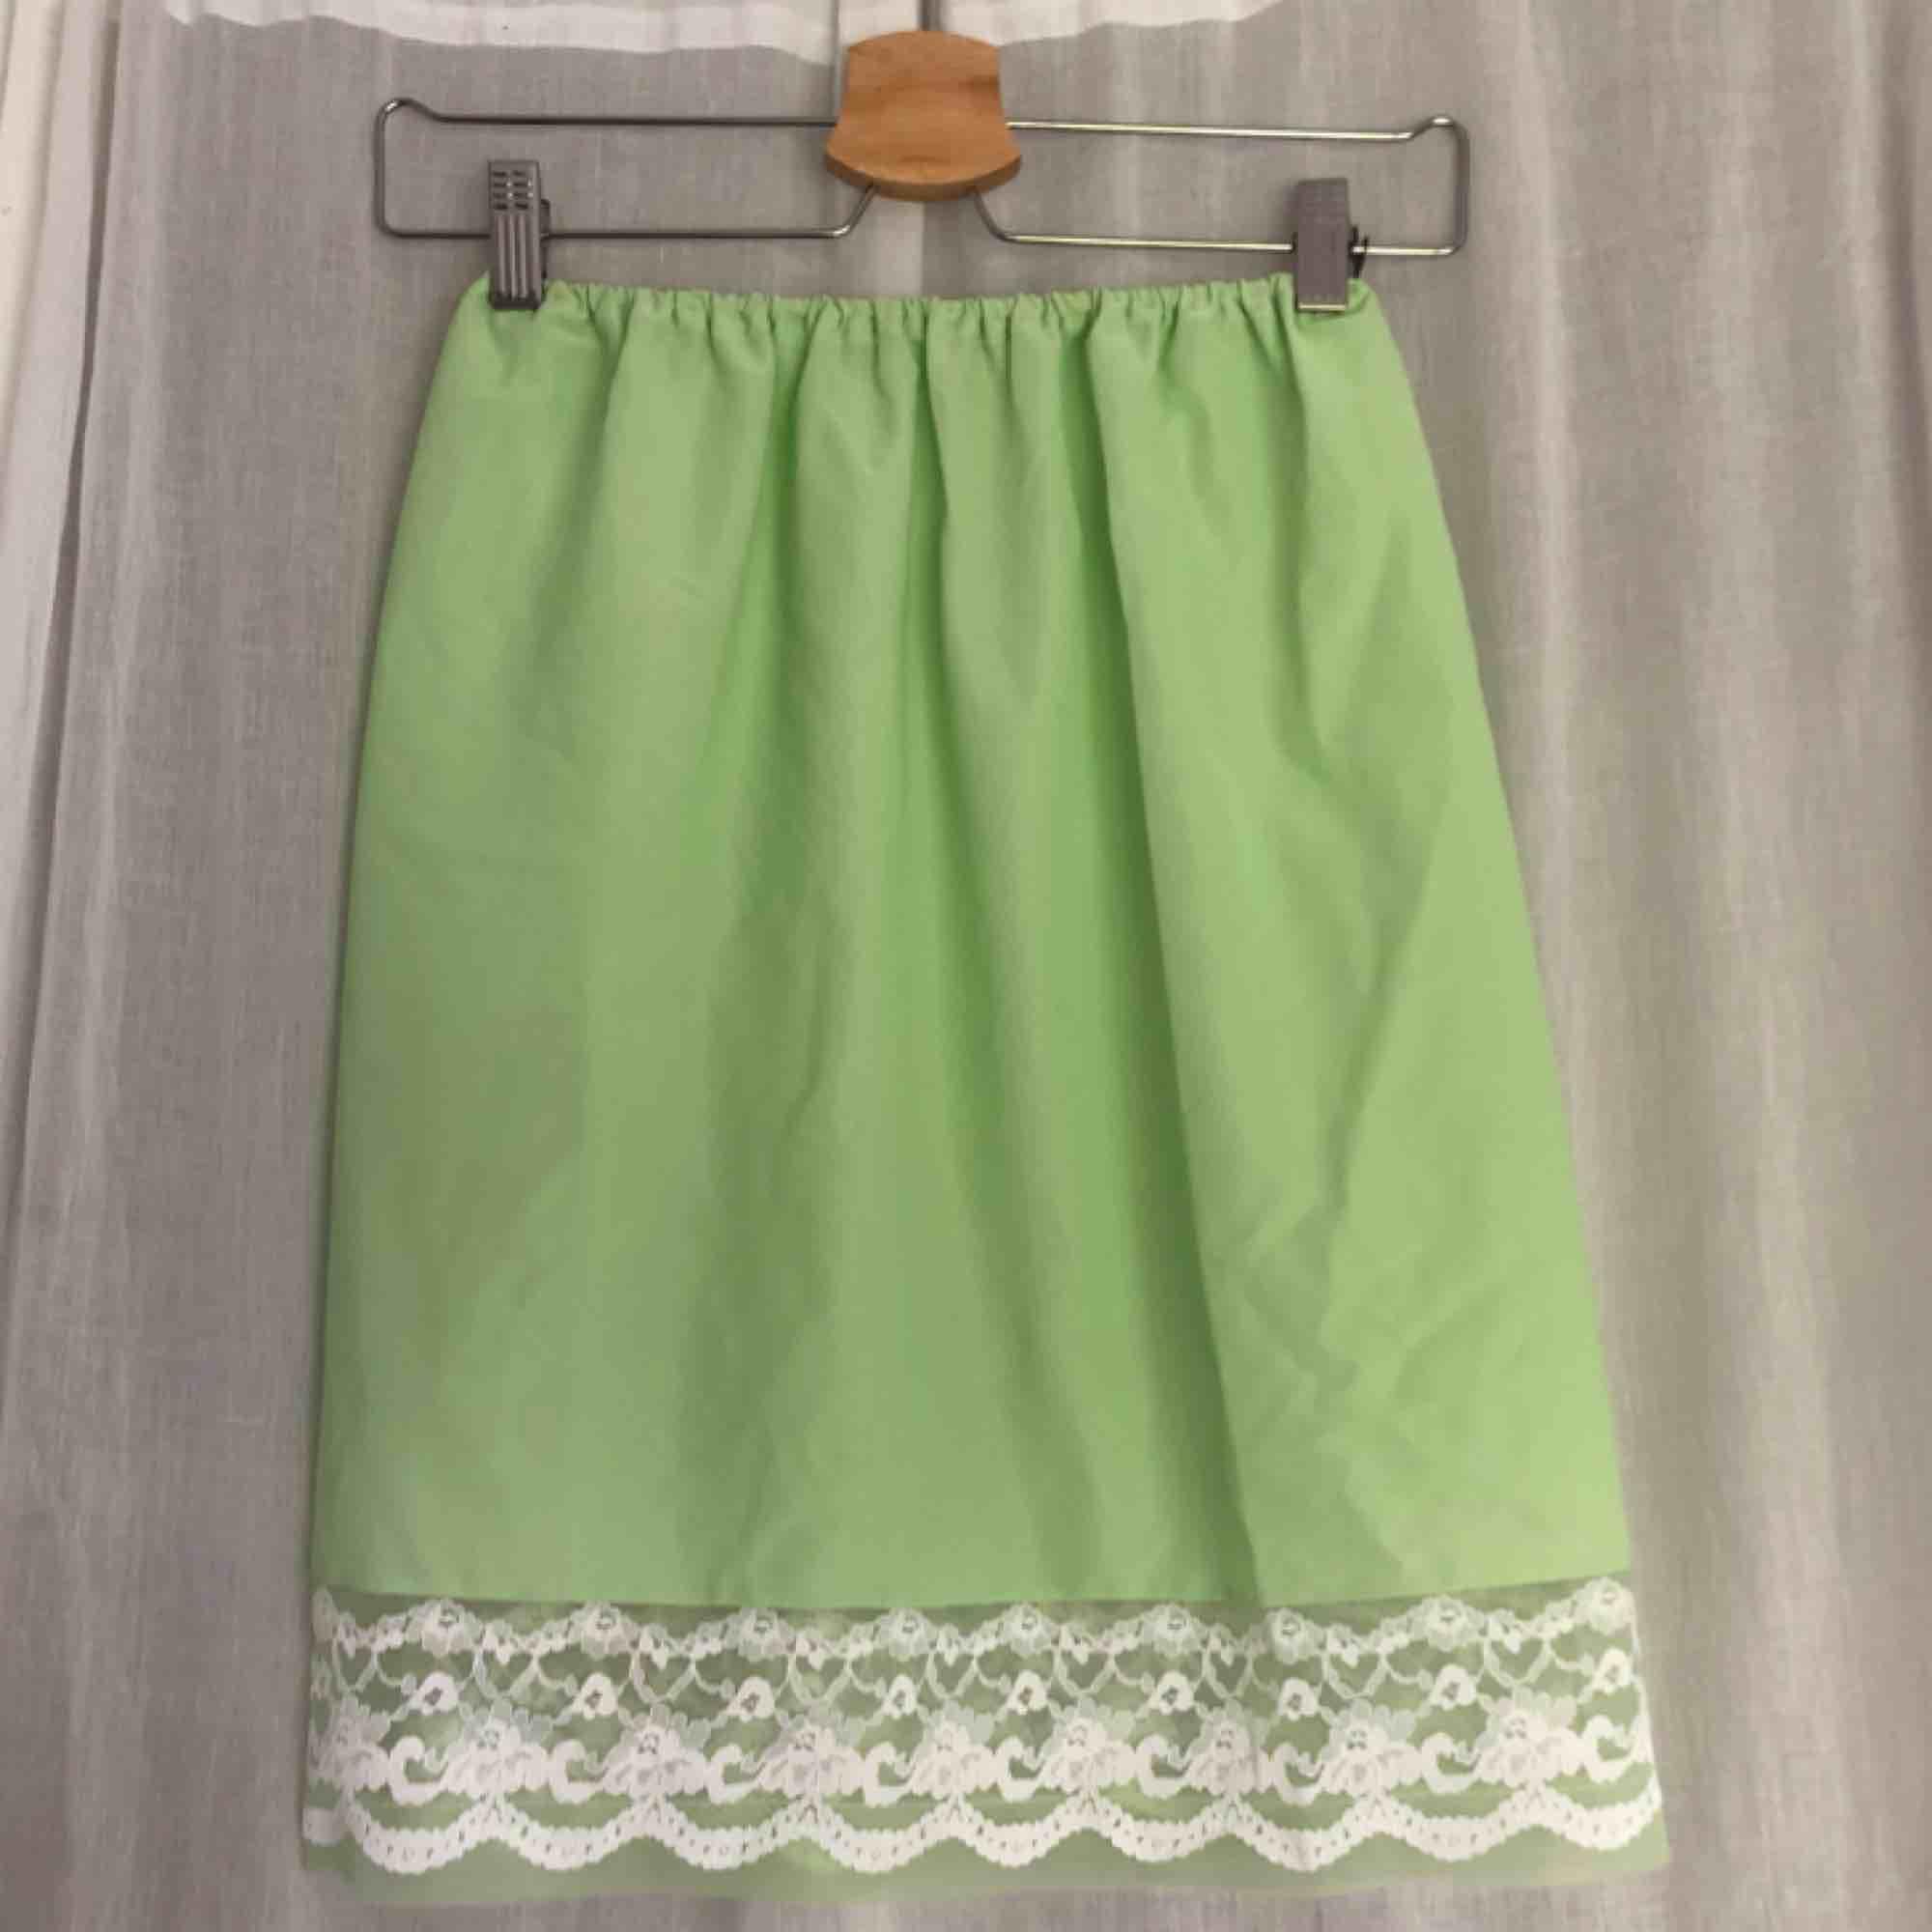 Grön underkjol med spetsfåll! Superhärlig och så fin färg. Tippar på strl S men passar XS-M beroende skulle jag säga. Köpare står för frakt!. Kjolar.